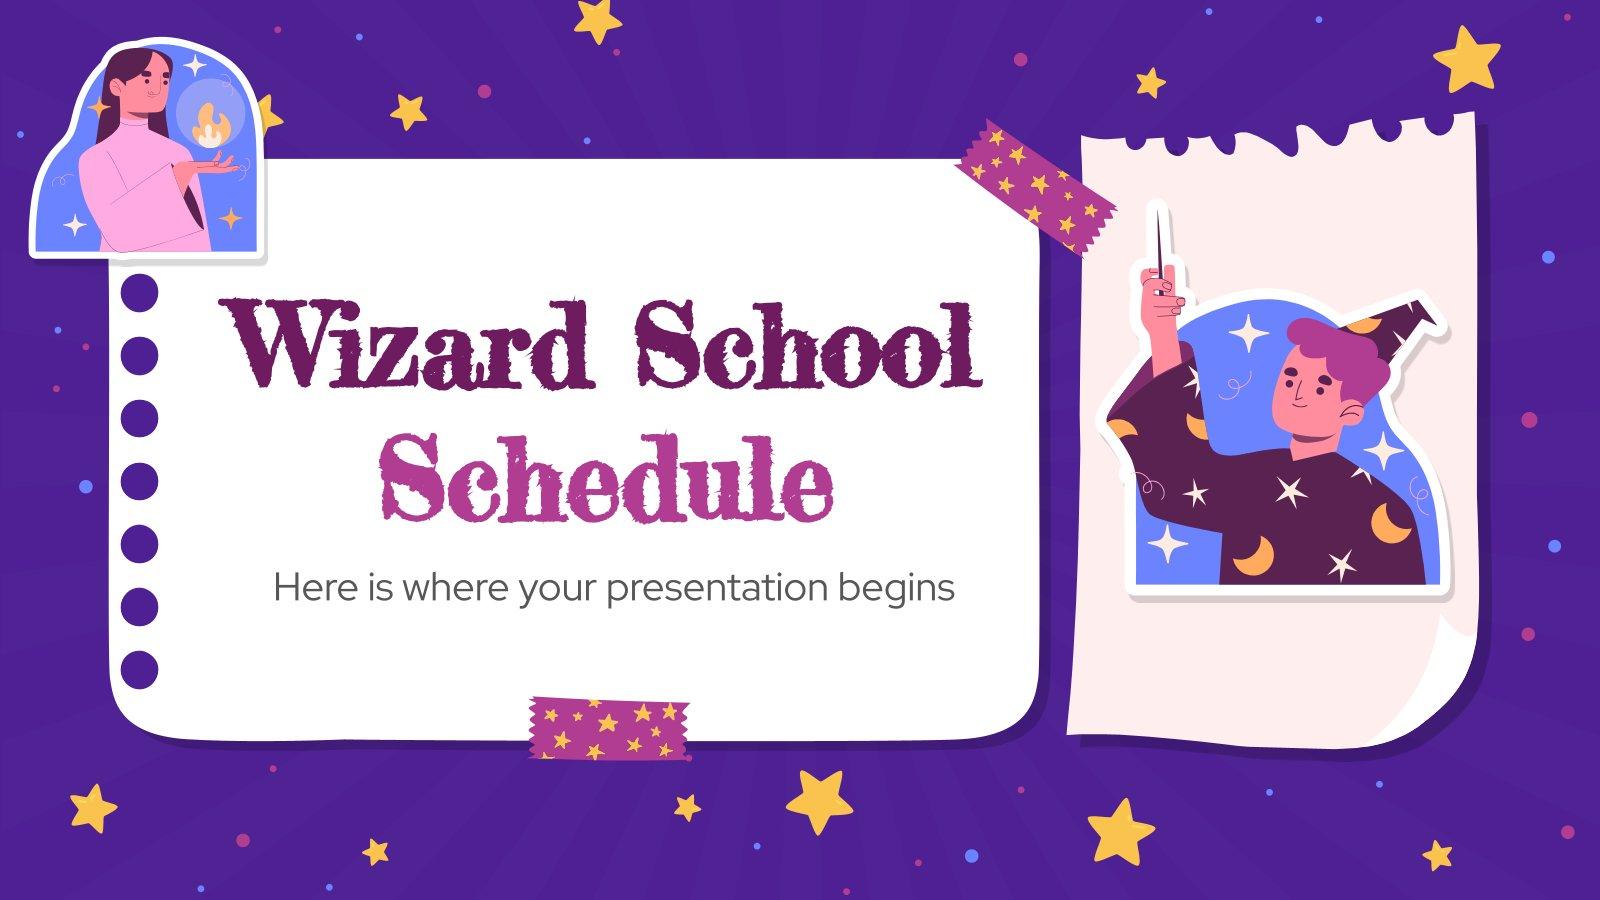 Agenda de l'école du magicien : Modèles de présentation